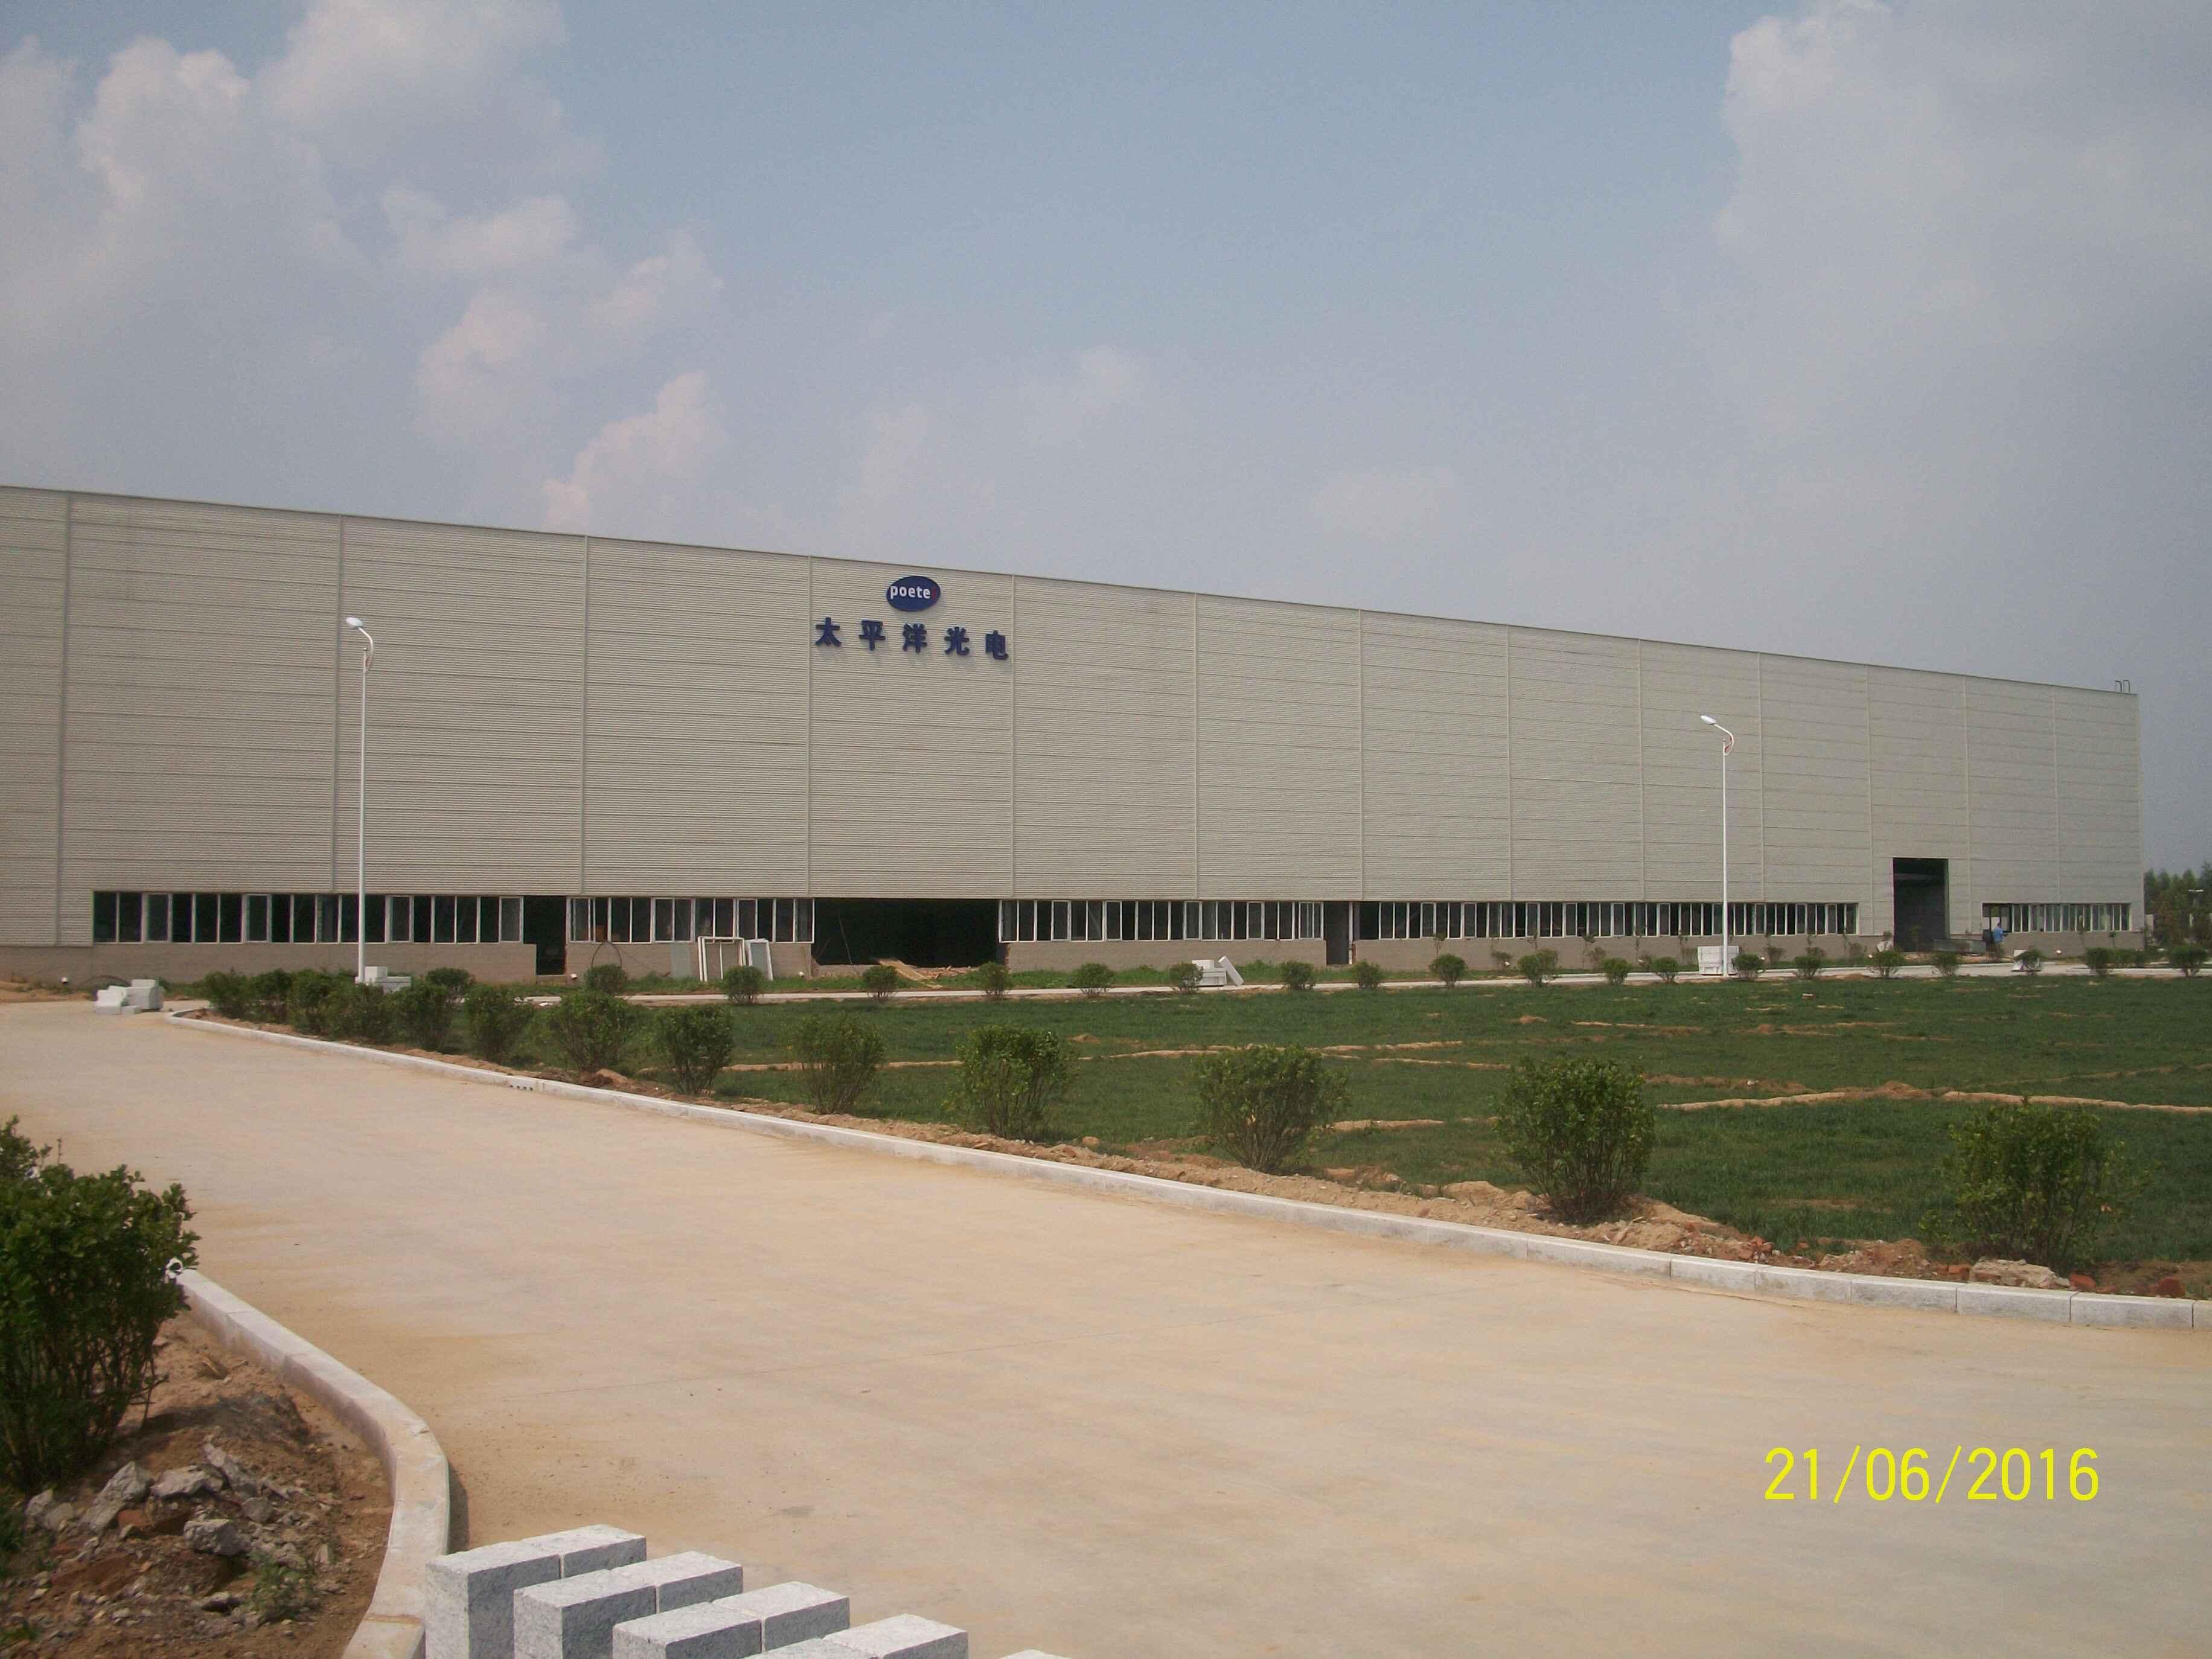 阳谷年产1800万对vcsel激光芯片及180万条有源光缆项目